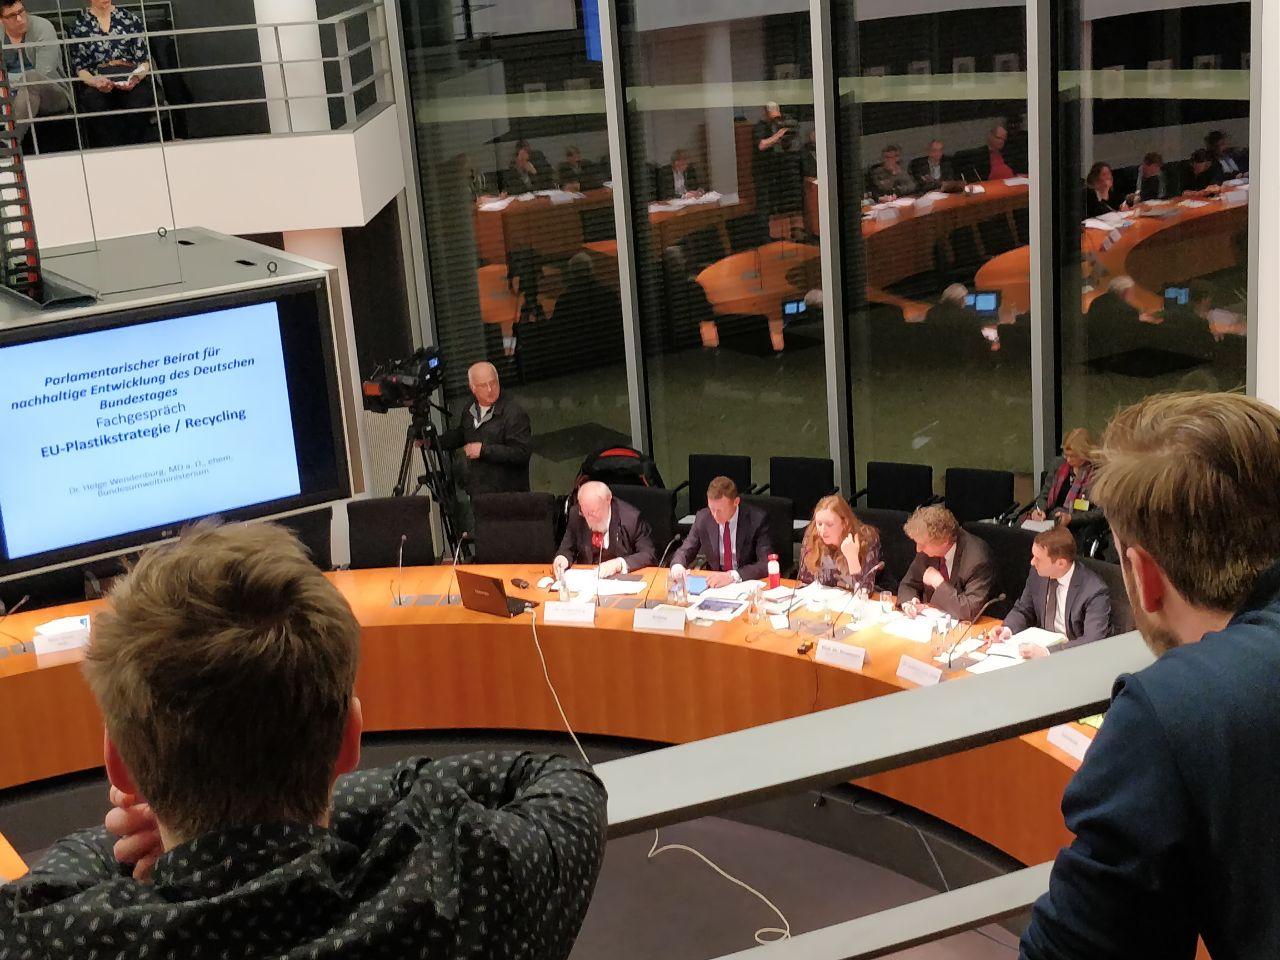 Öffentliches Expert*innengespräch des Parlamentarischen Beirats für nachhaltige Entwicklung